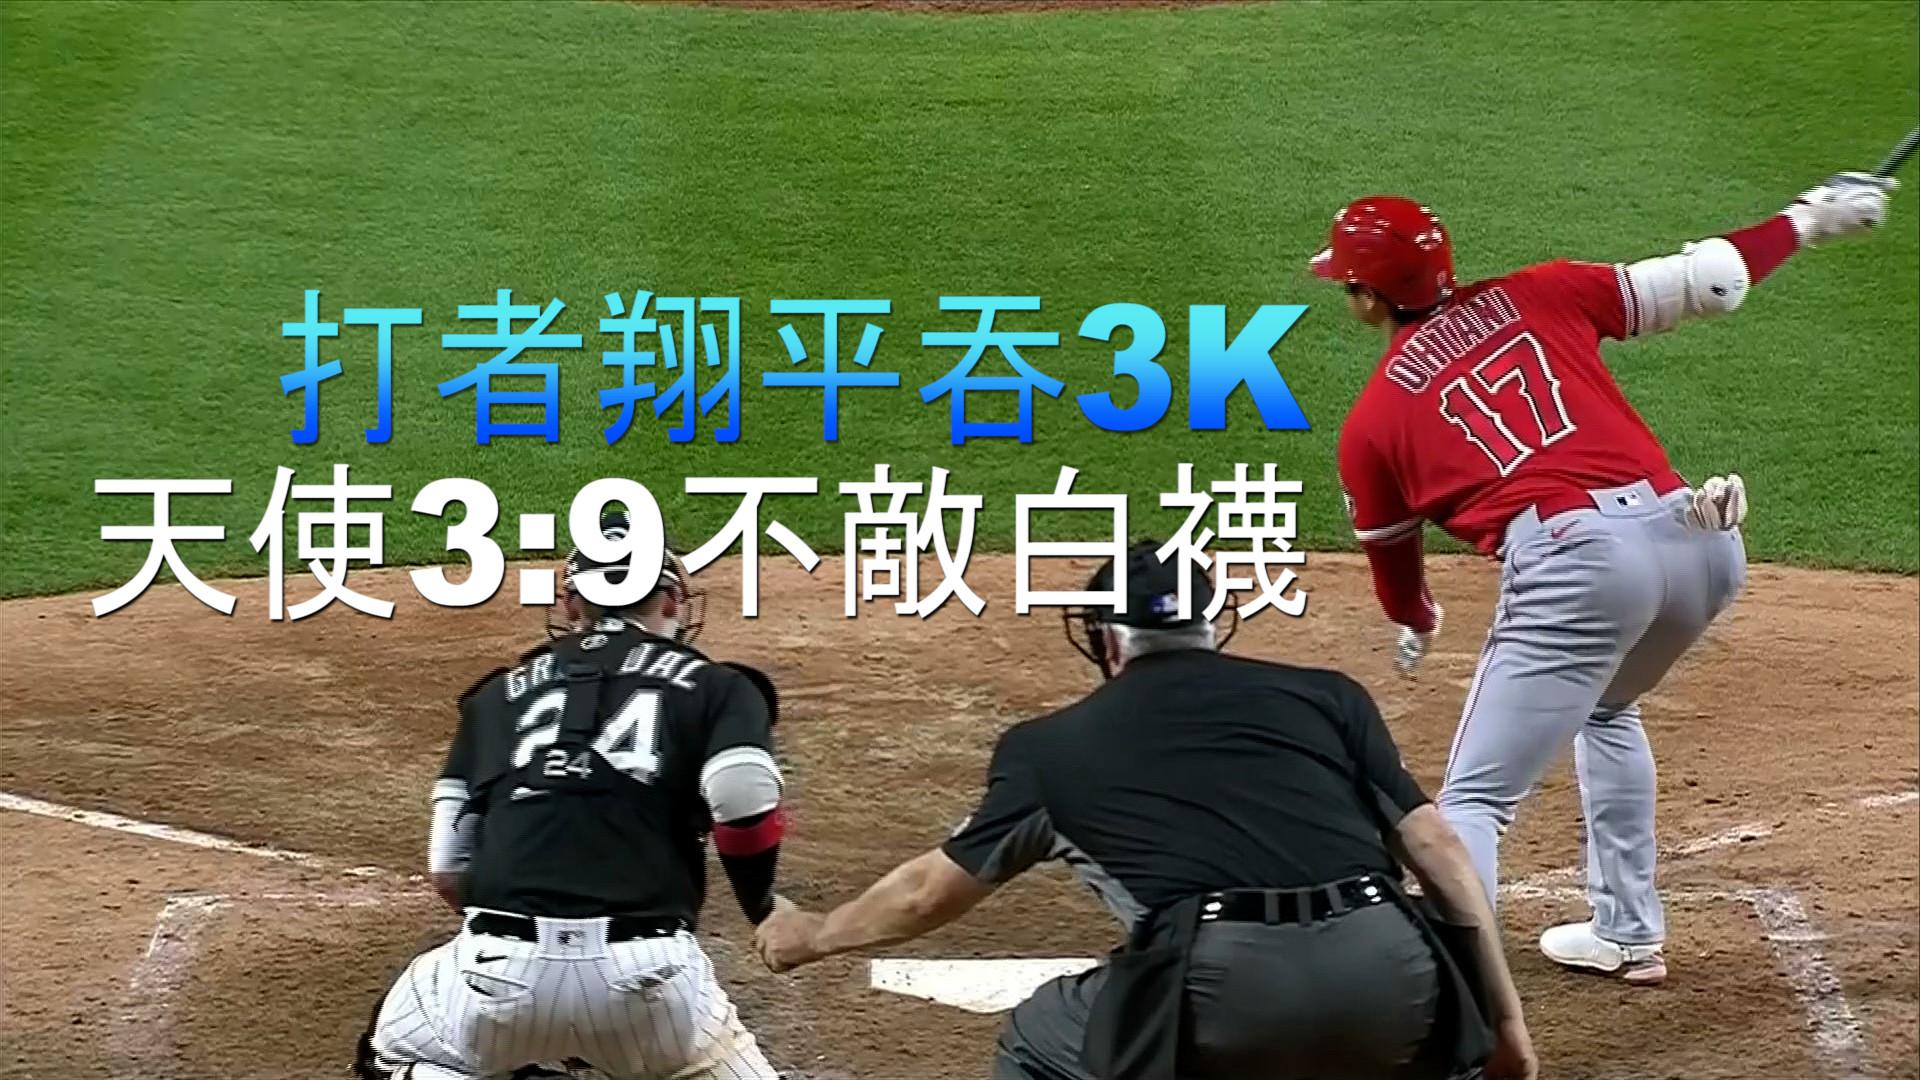 【MLB看愛爾達】打者翔平吞3K 天使3:9不敵白襪 9/15